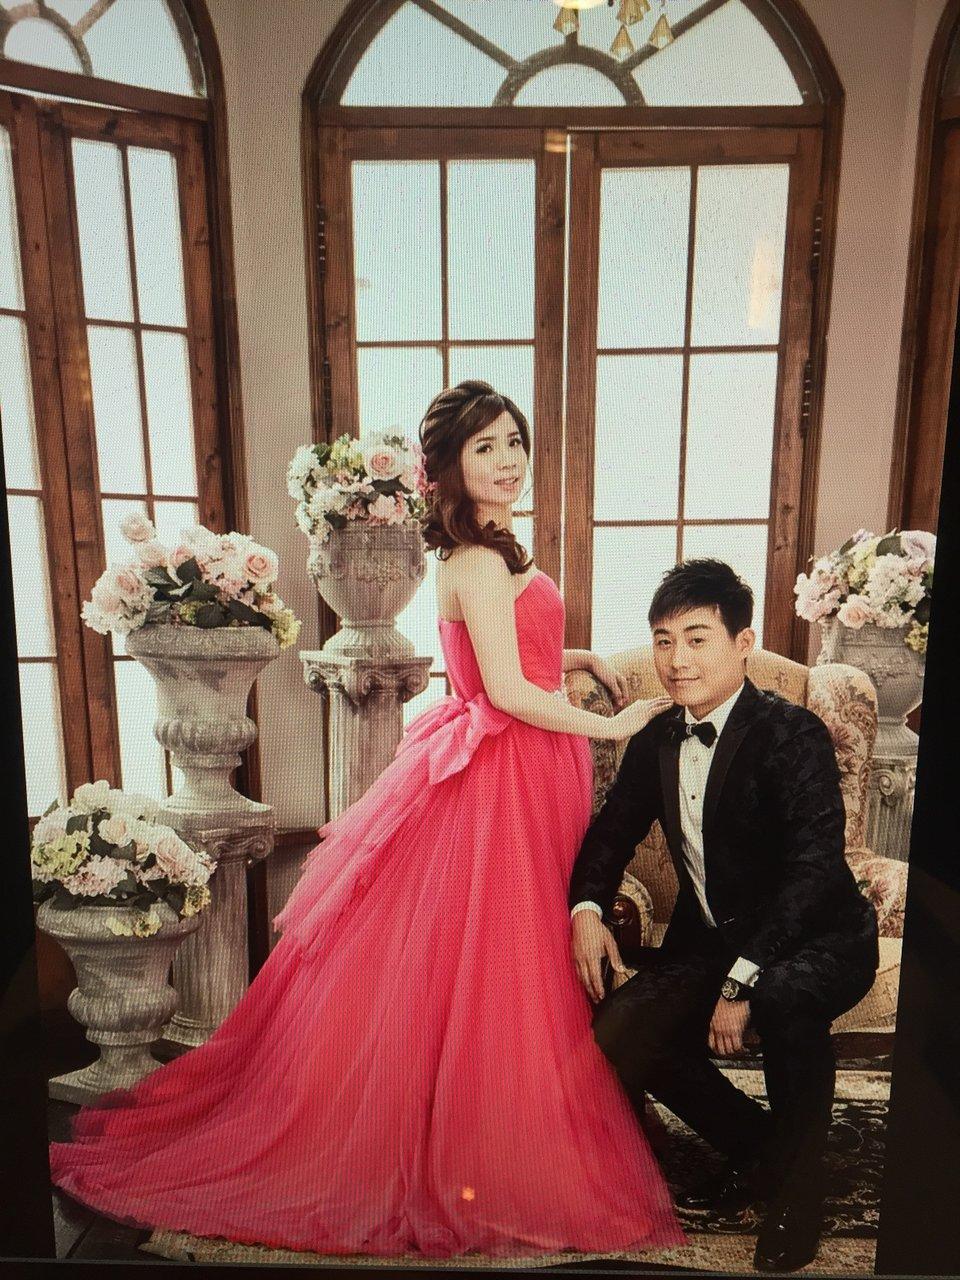 TIFFANY | 台中帝芬妮精品婚紗,走向我們的幸福,選帝芬妮就對了